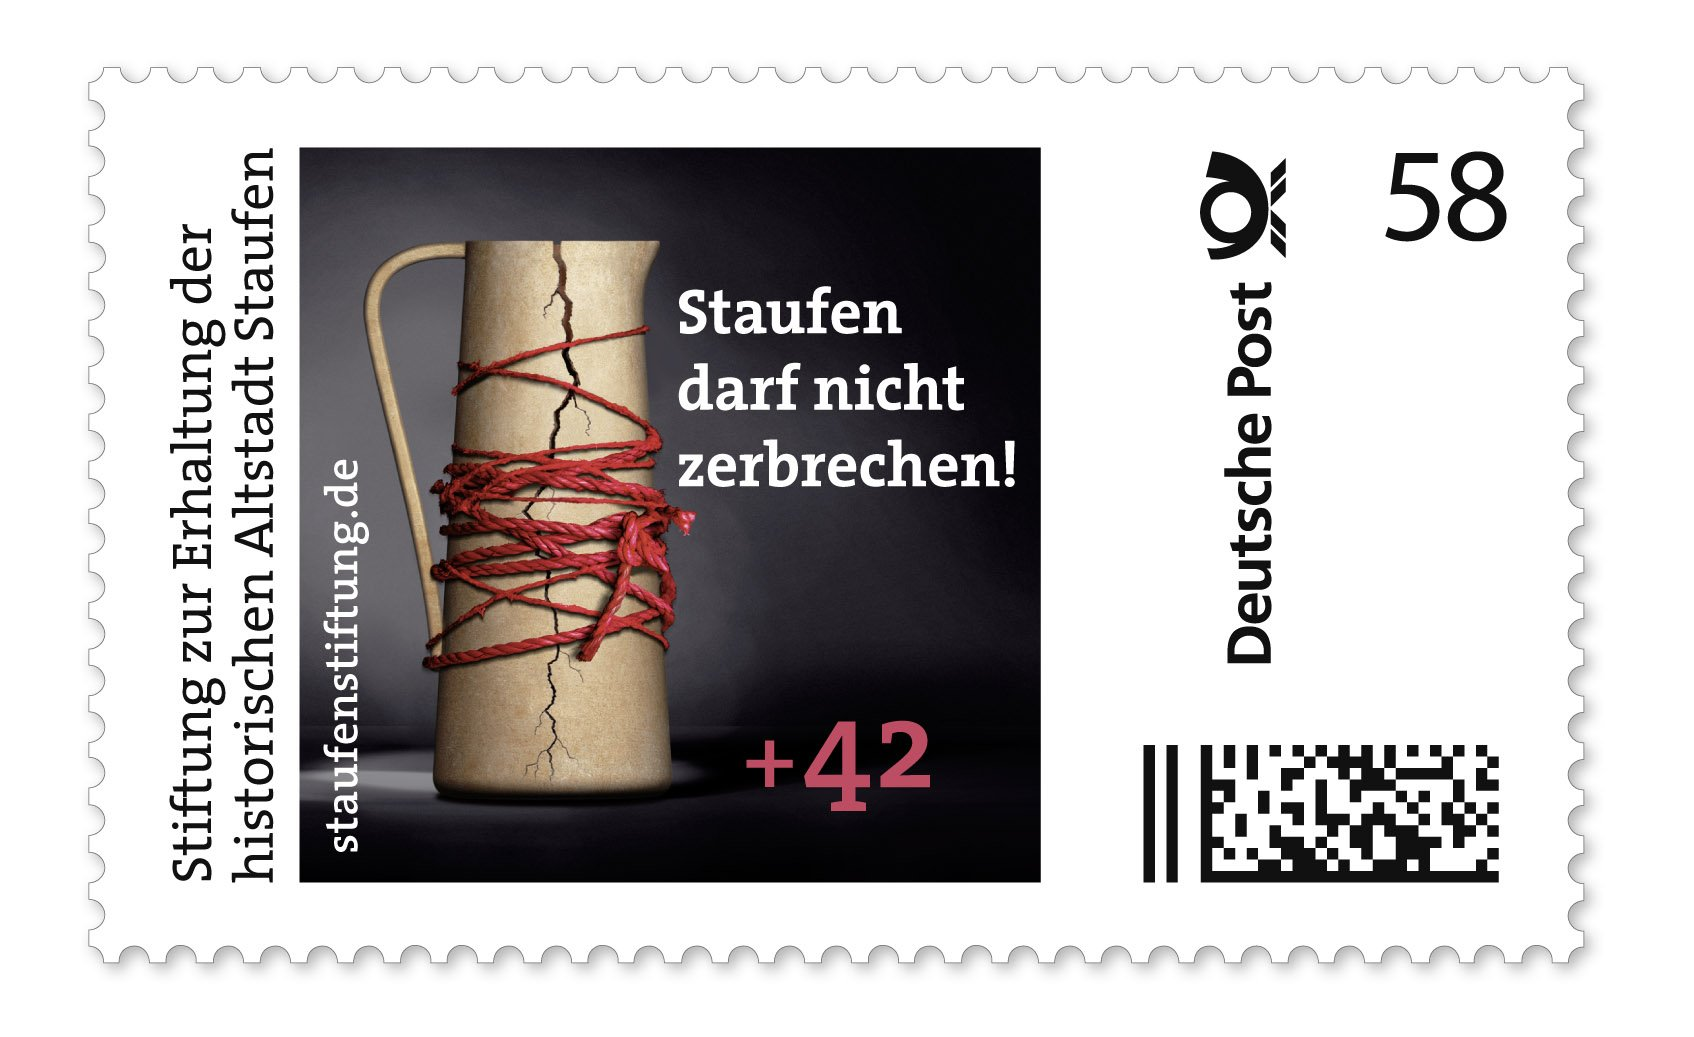 Briefmarke zugunsten von Staufen: Mit der Marke will die Staufenstiftung die Sanierung der Altstadt fördern.